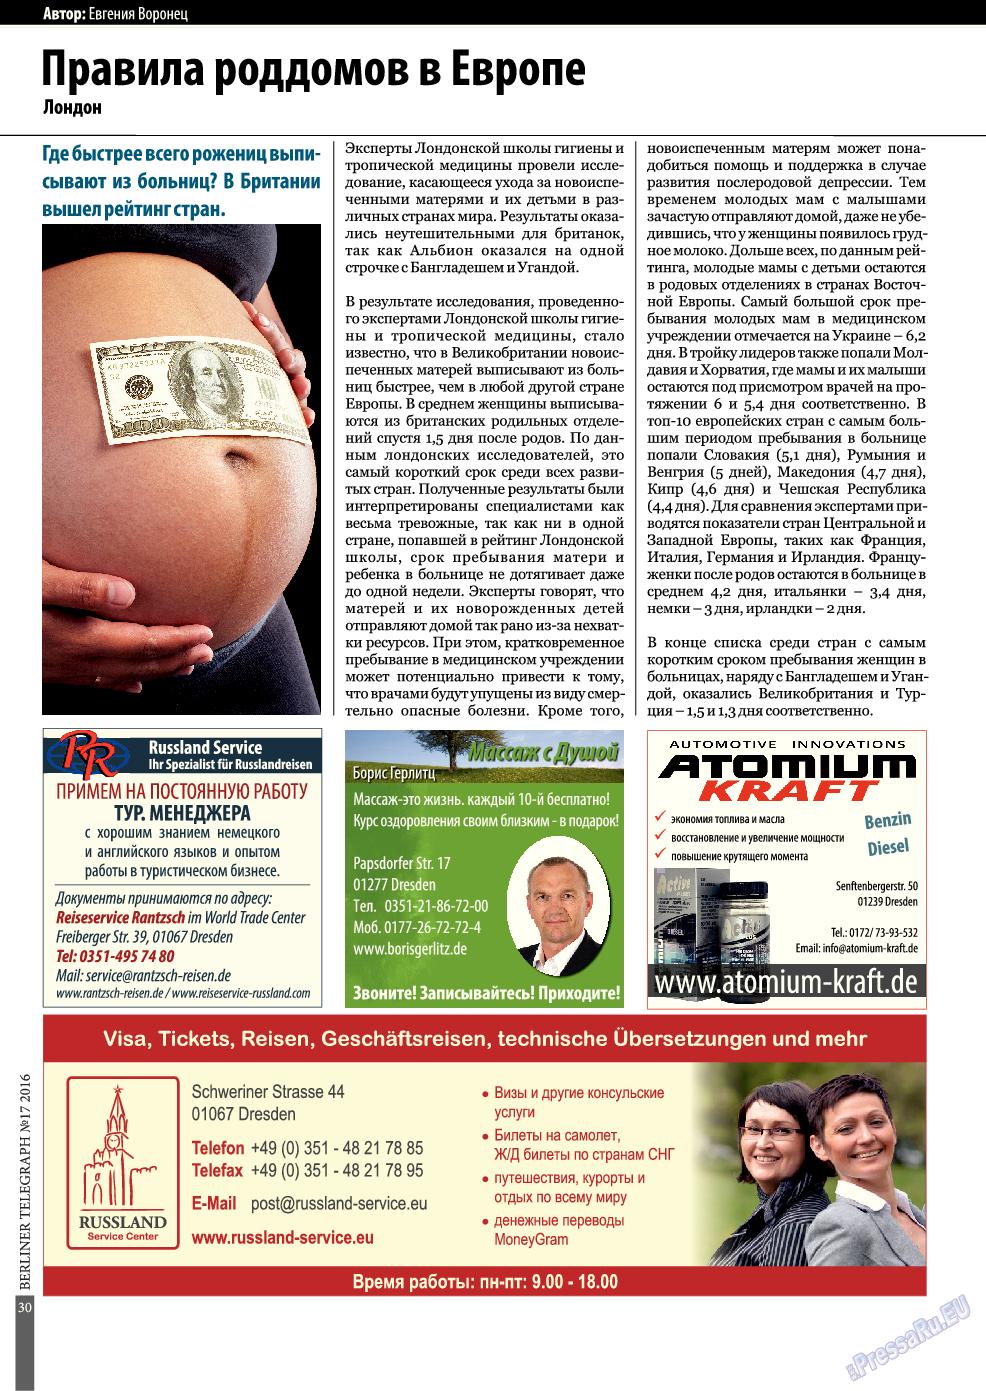 Берлинский телеграф (журнал). 2016 год, номер 17, стр. 30